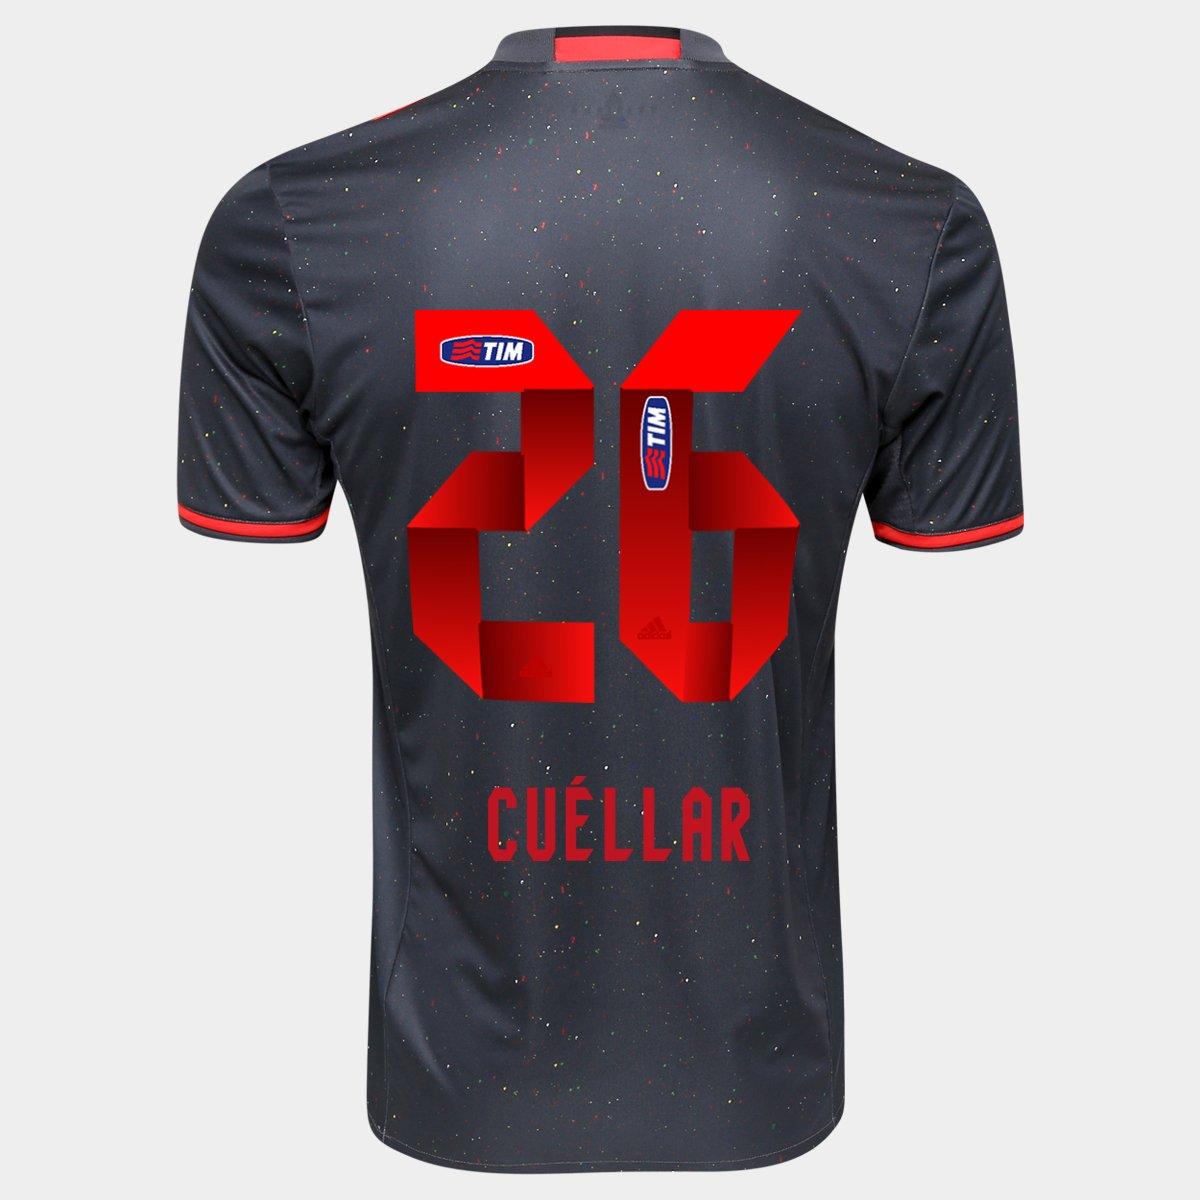 Camisa Adidas Flamengo Especial 2016 nº 26 - Cuéllar - Compre Agora ... 212c3a814cb1a